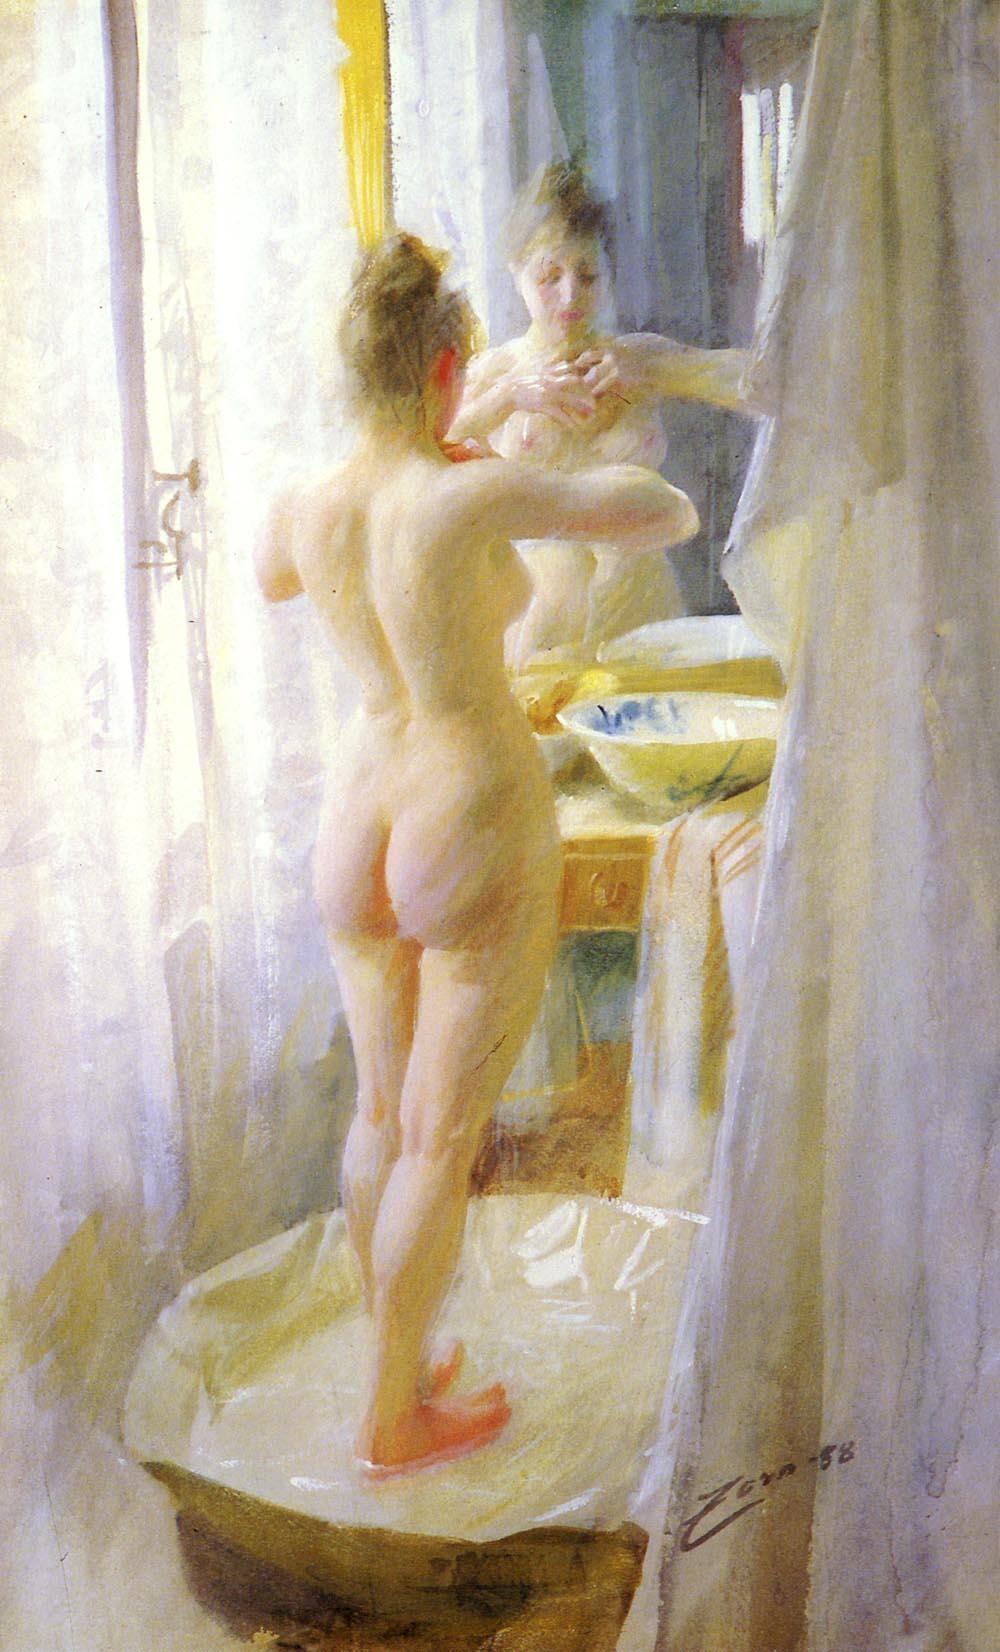 """Résultat de recherche d'images pour """"aquarelle de zorn nus"""""""